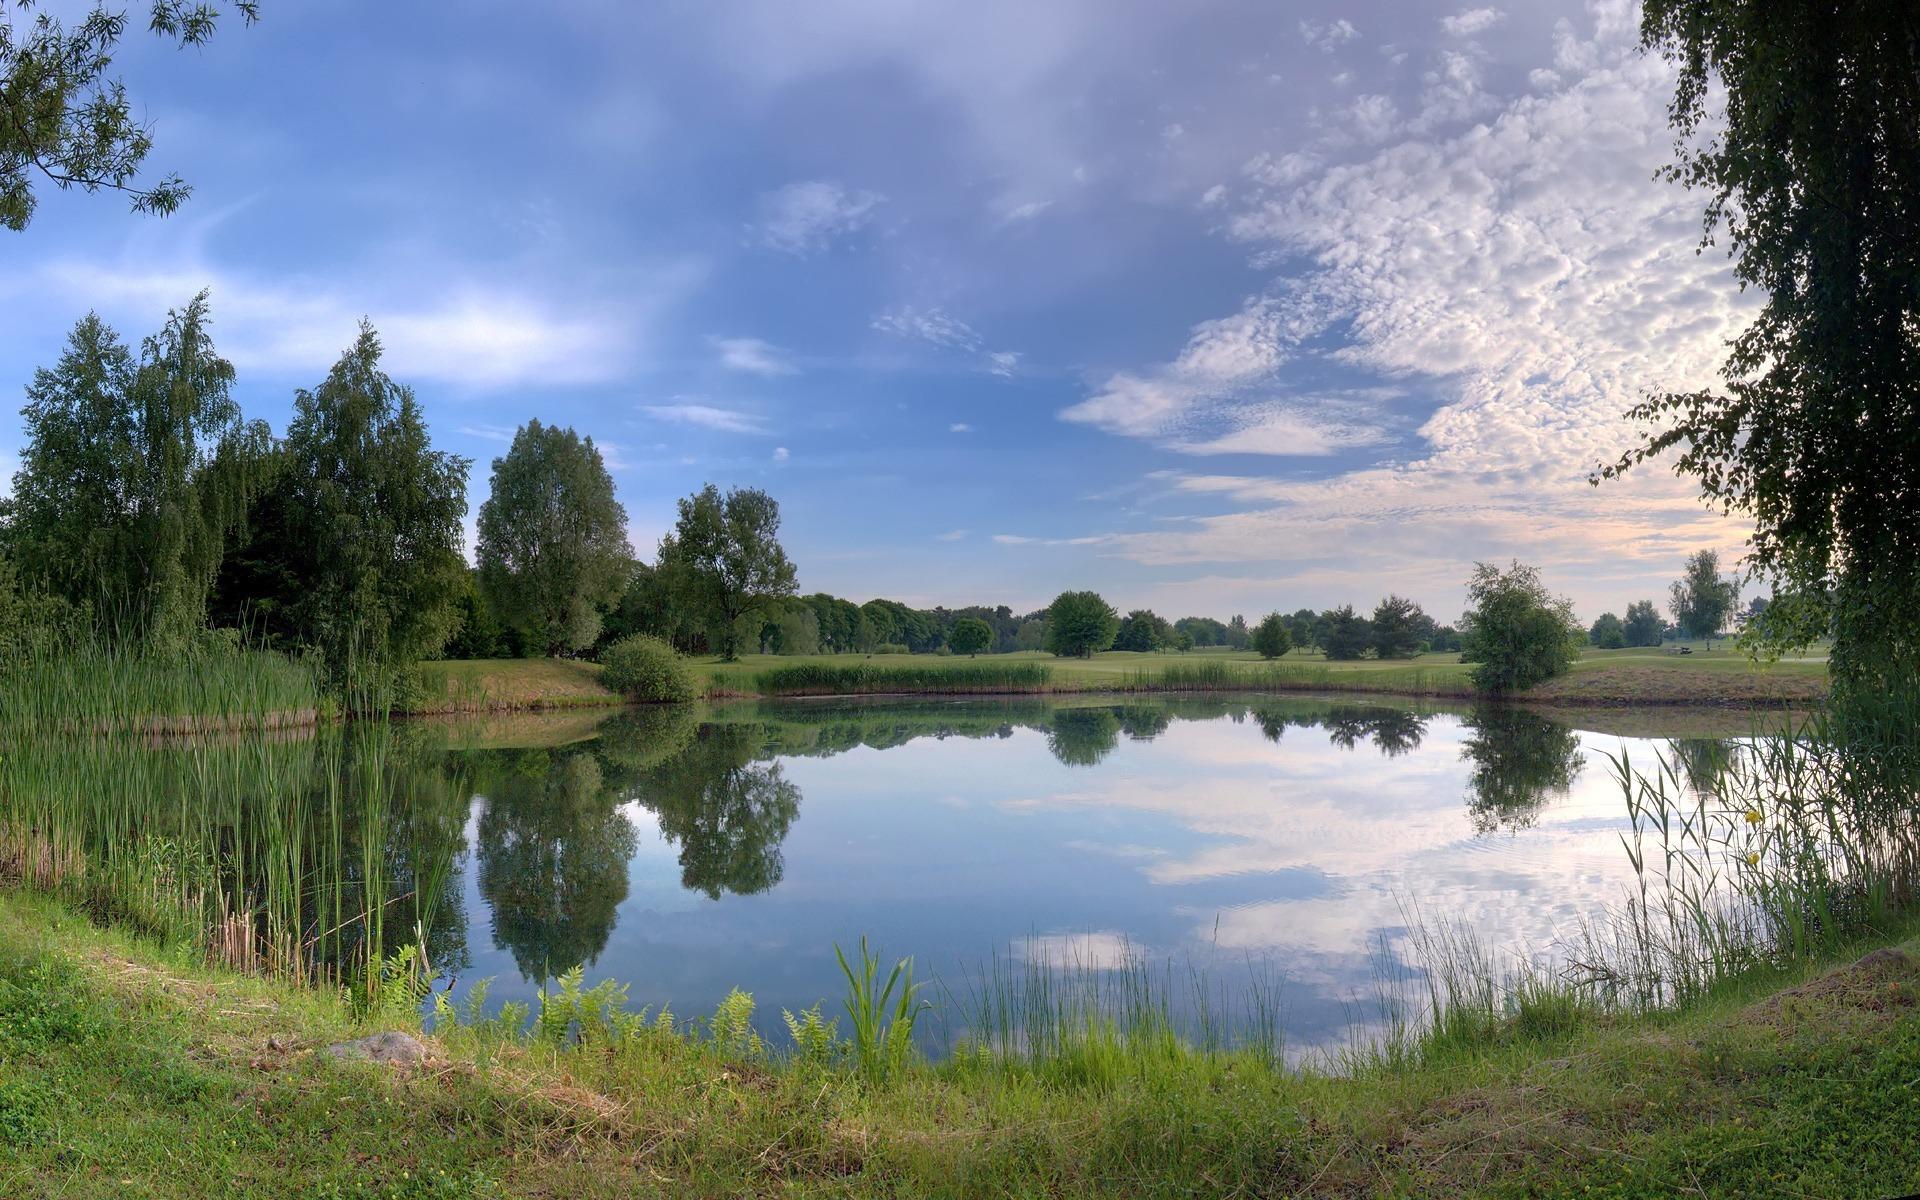 Берег озера в траве  № 2482704 бесплатно